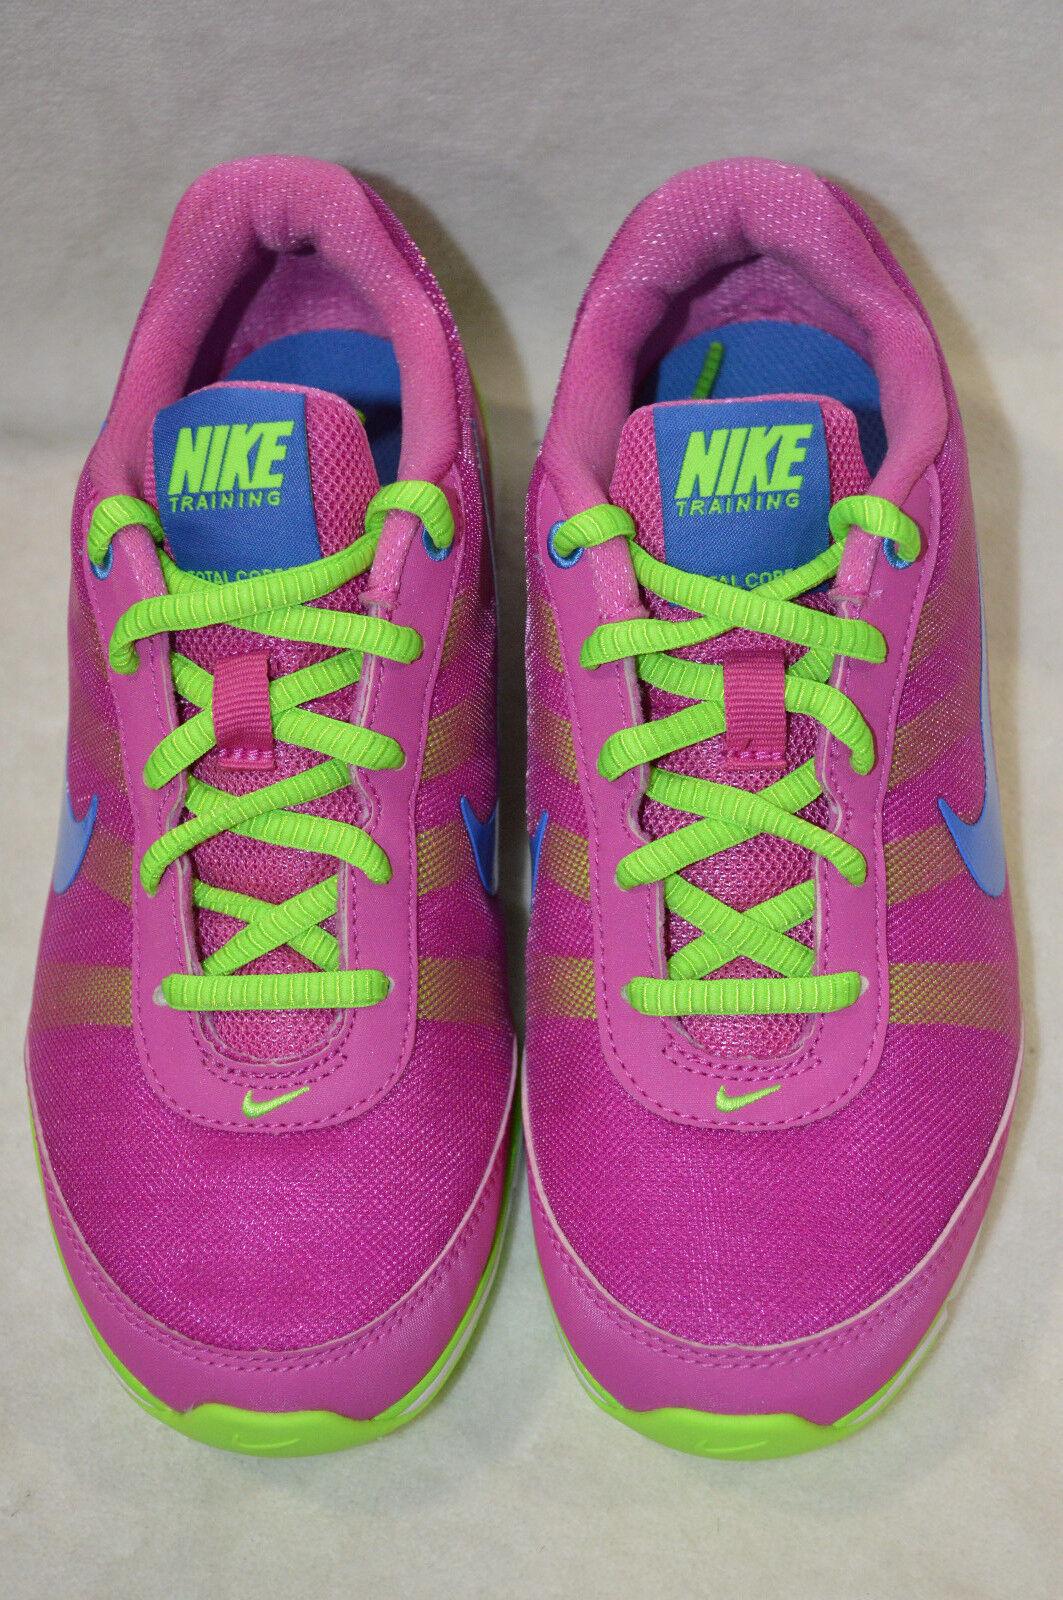 Nike Air Total Core Rosa Lime Weiß Cross-Trainers Cross-Trainers Cross-Trainers damen schuhe-Größe 5 & 9.5 NWB 7afdbf